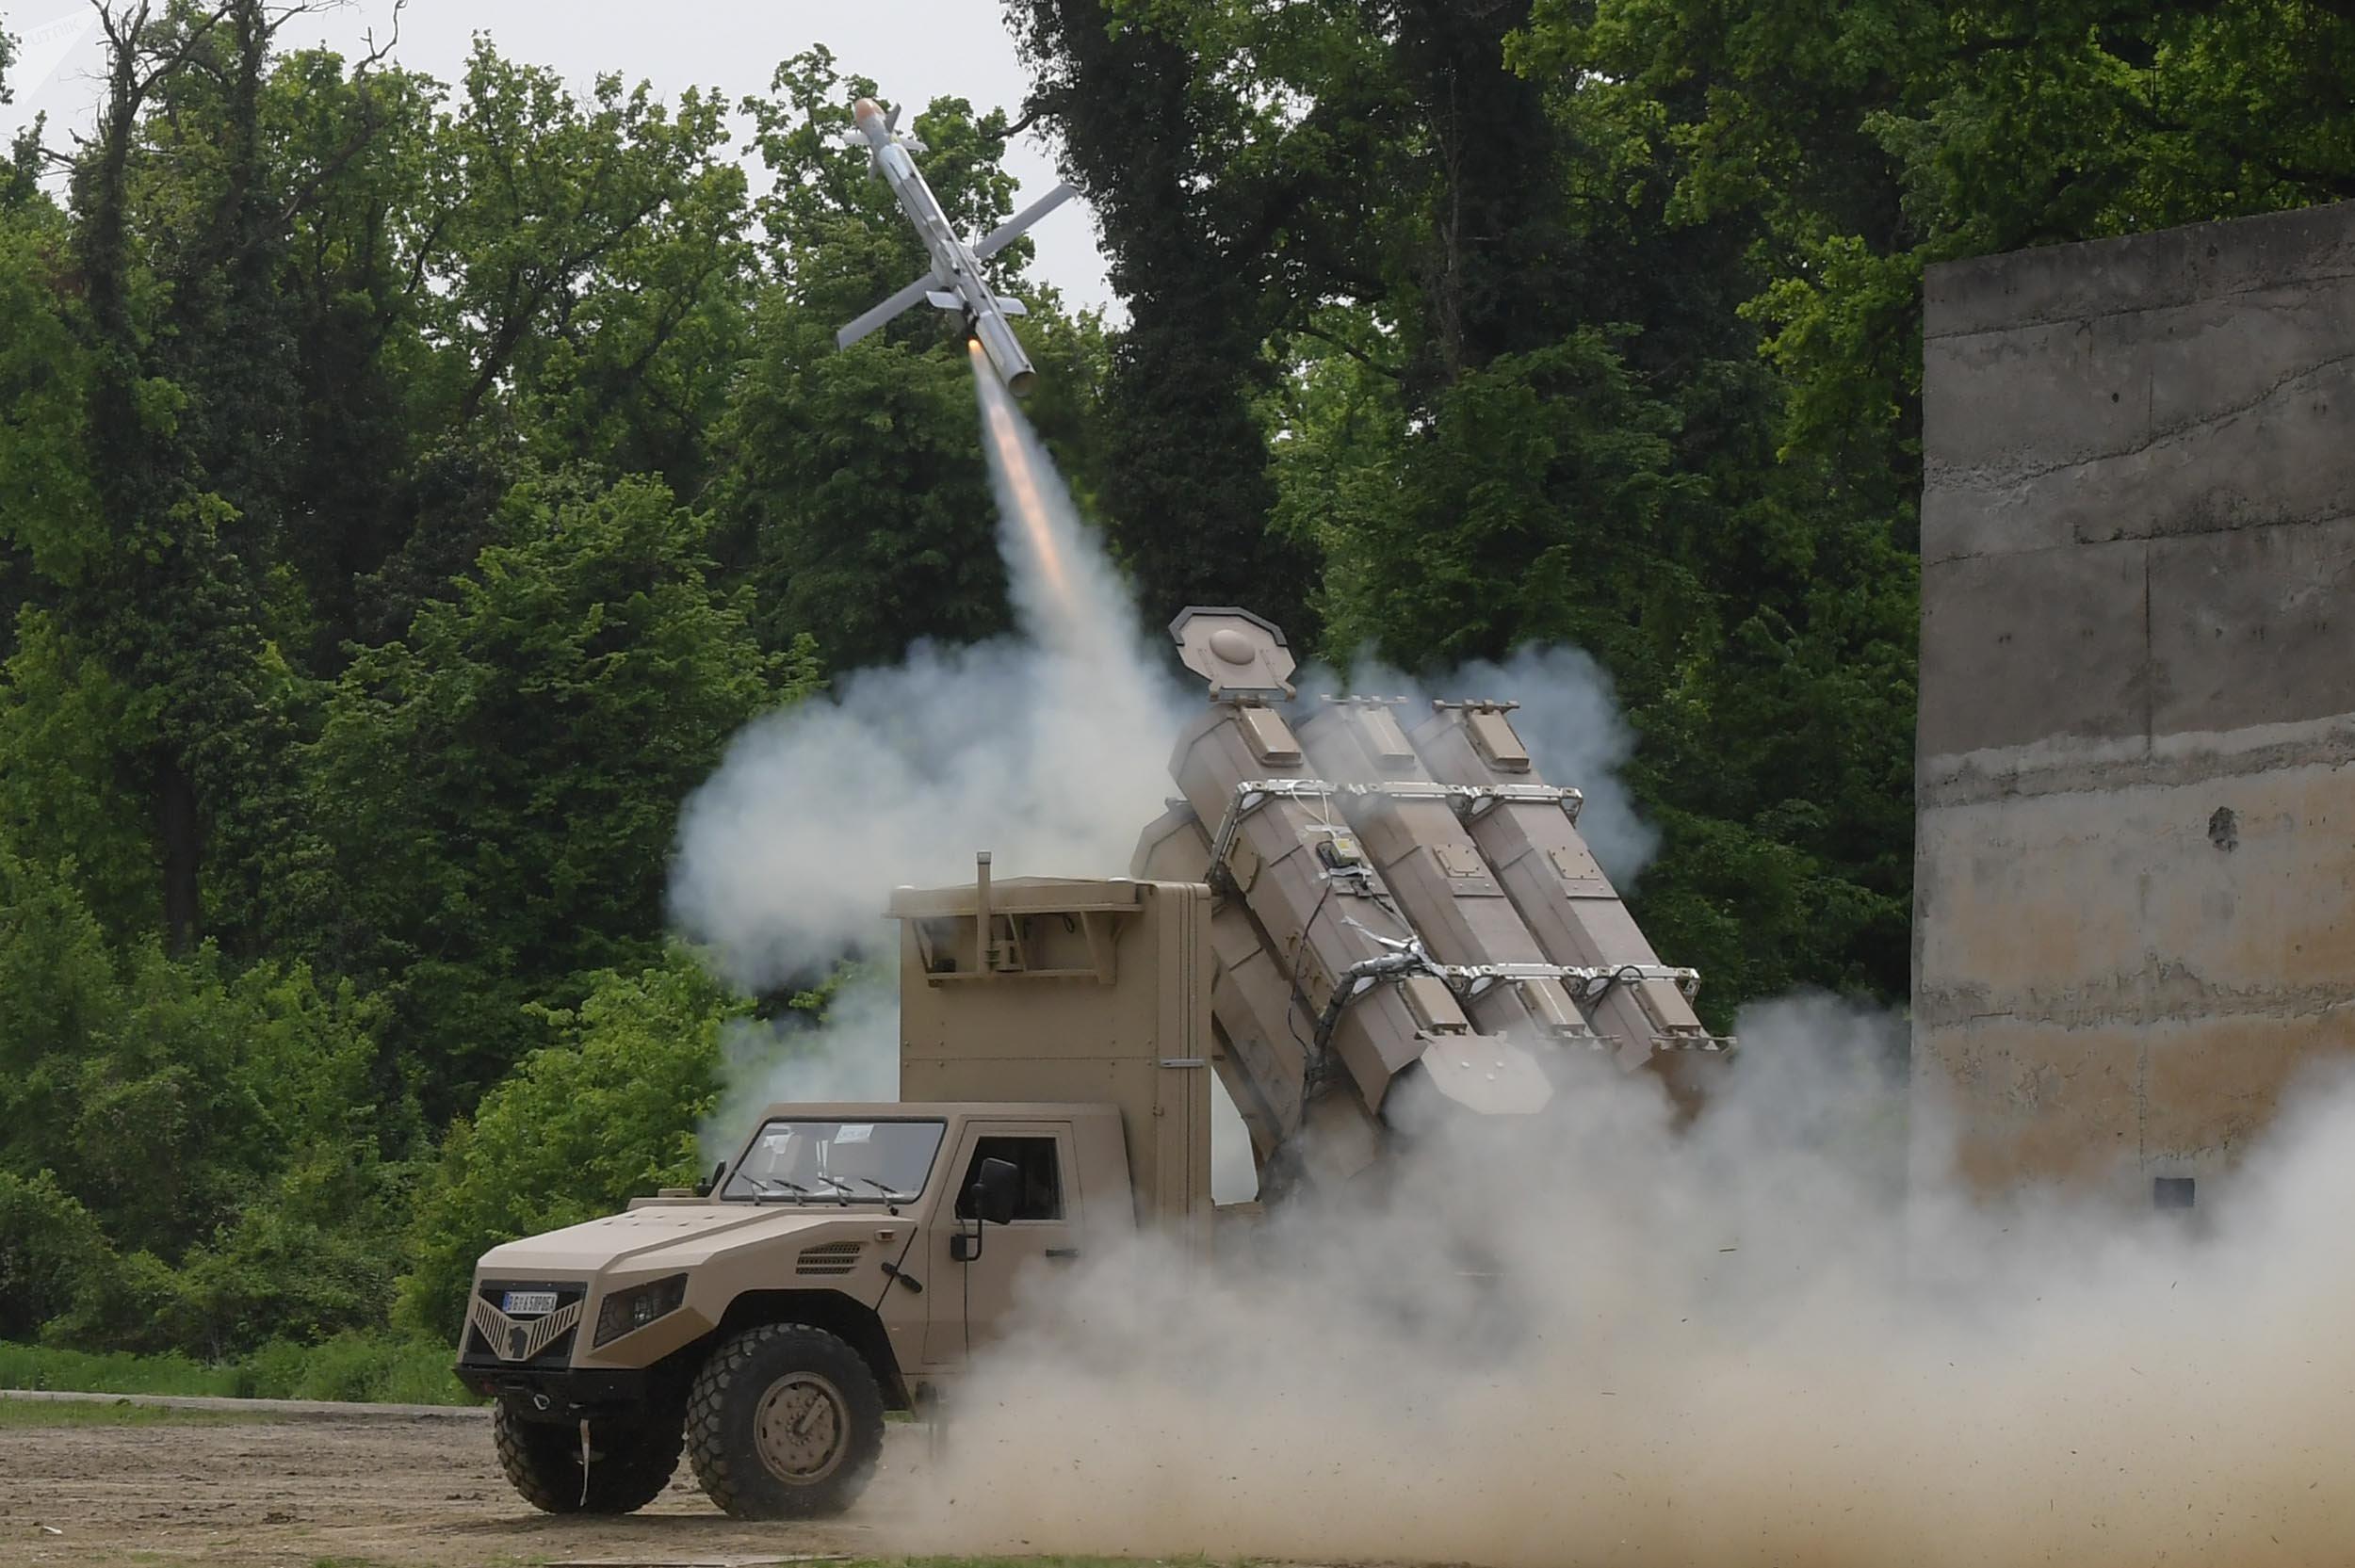 El lanzamiento del misil por el sistema antitanque serbio ALAS